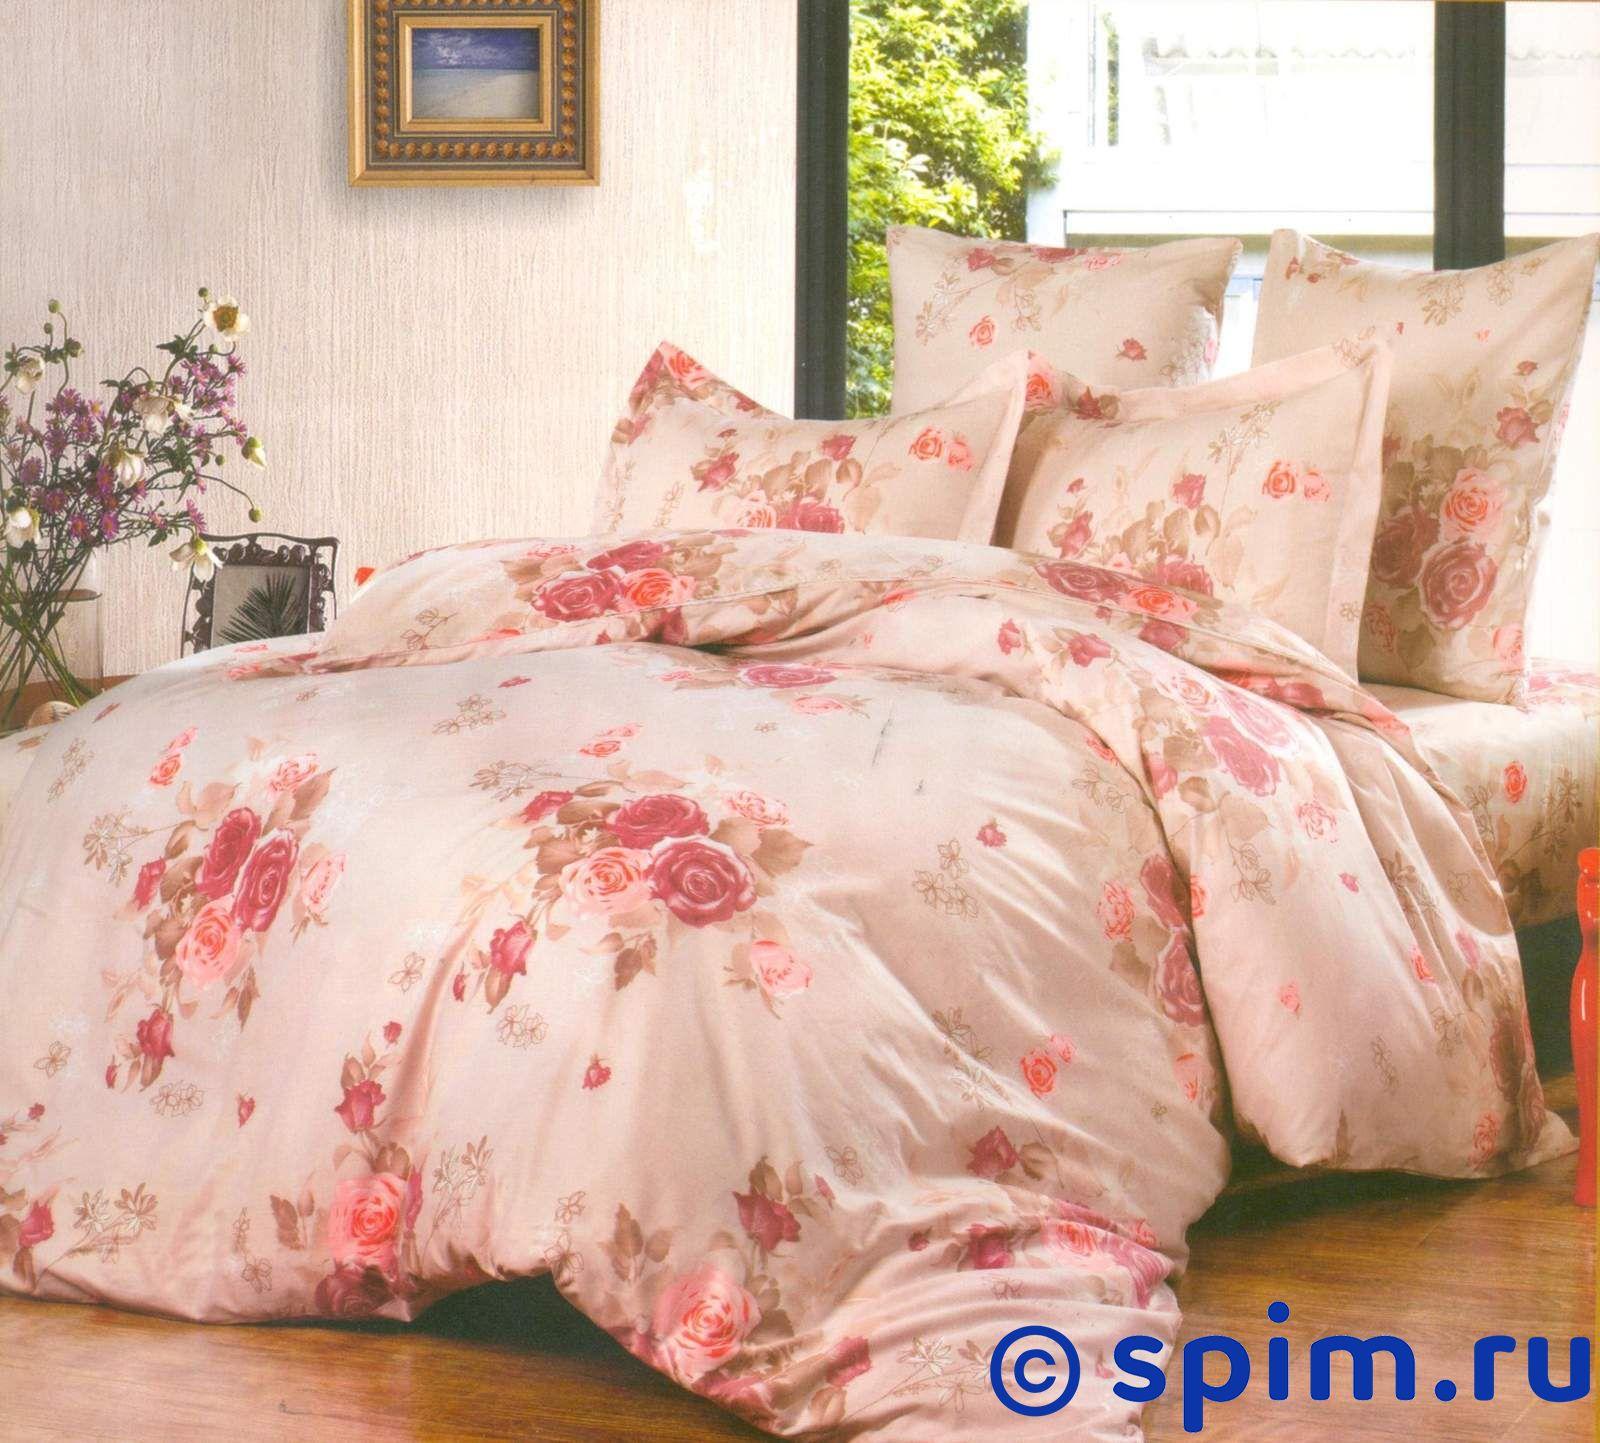 Комплект СайлиД А129 1.5 спальное